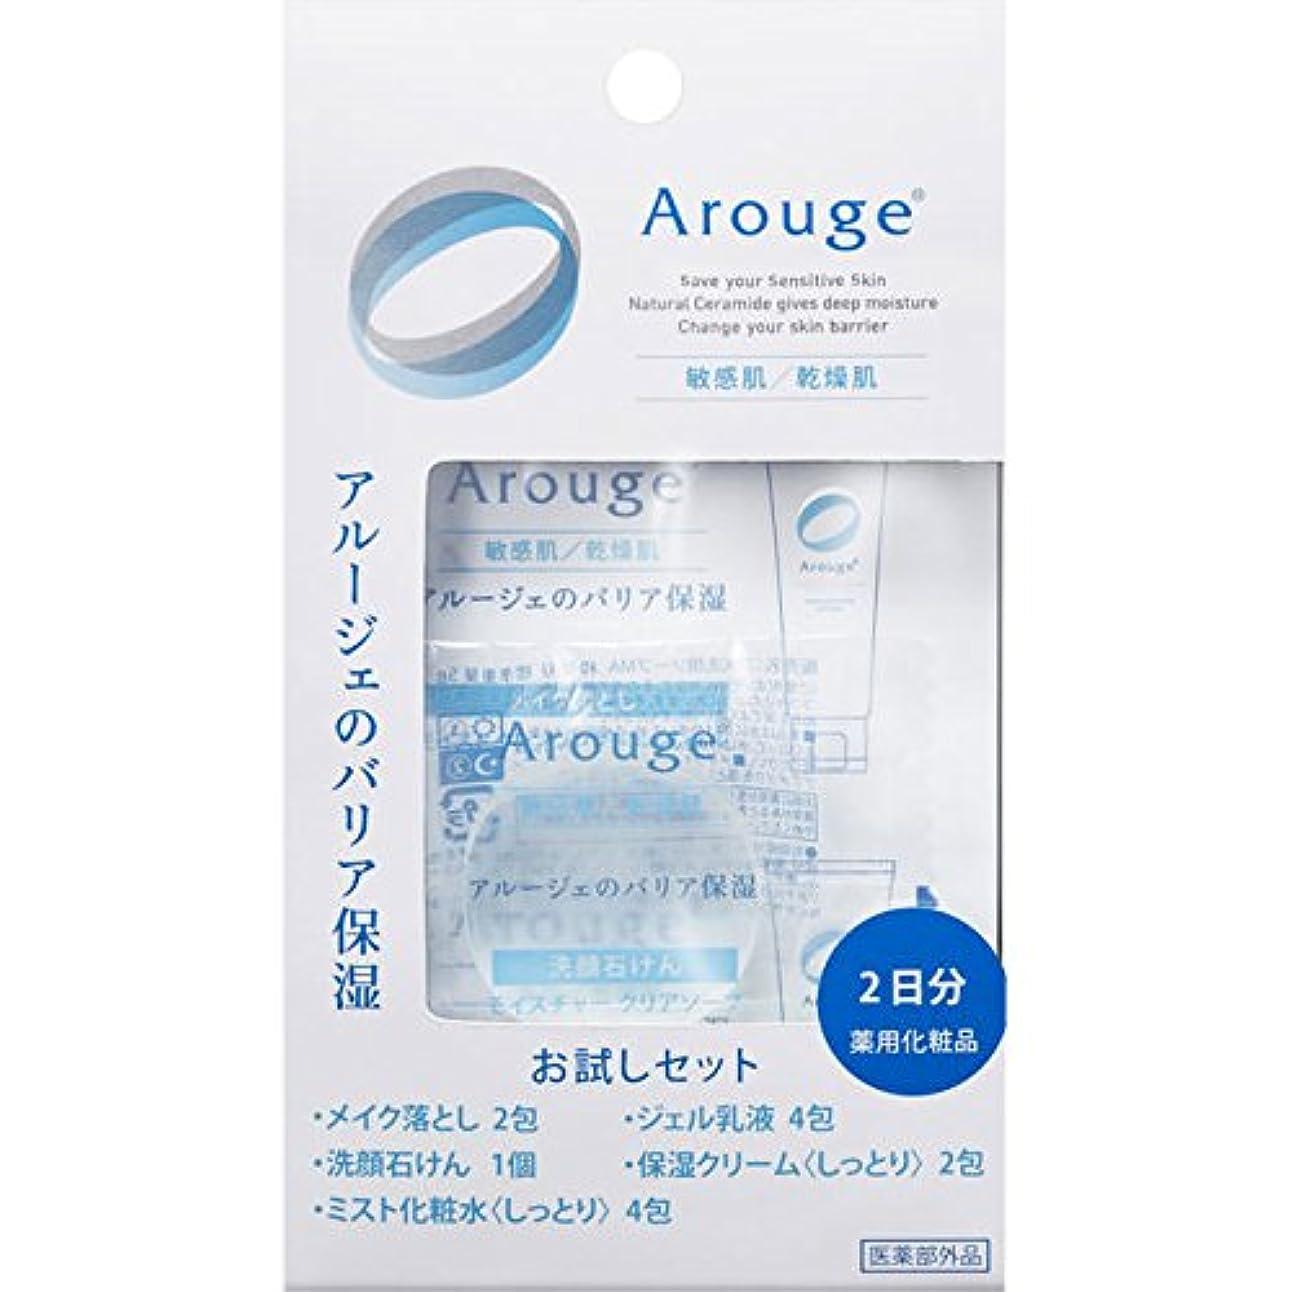 経歴経歴型全薬工業 アルージェ お試しセット 5種 (医薬部外品)